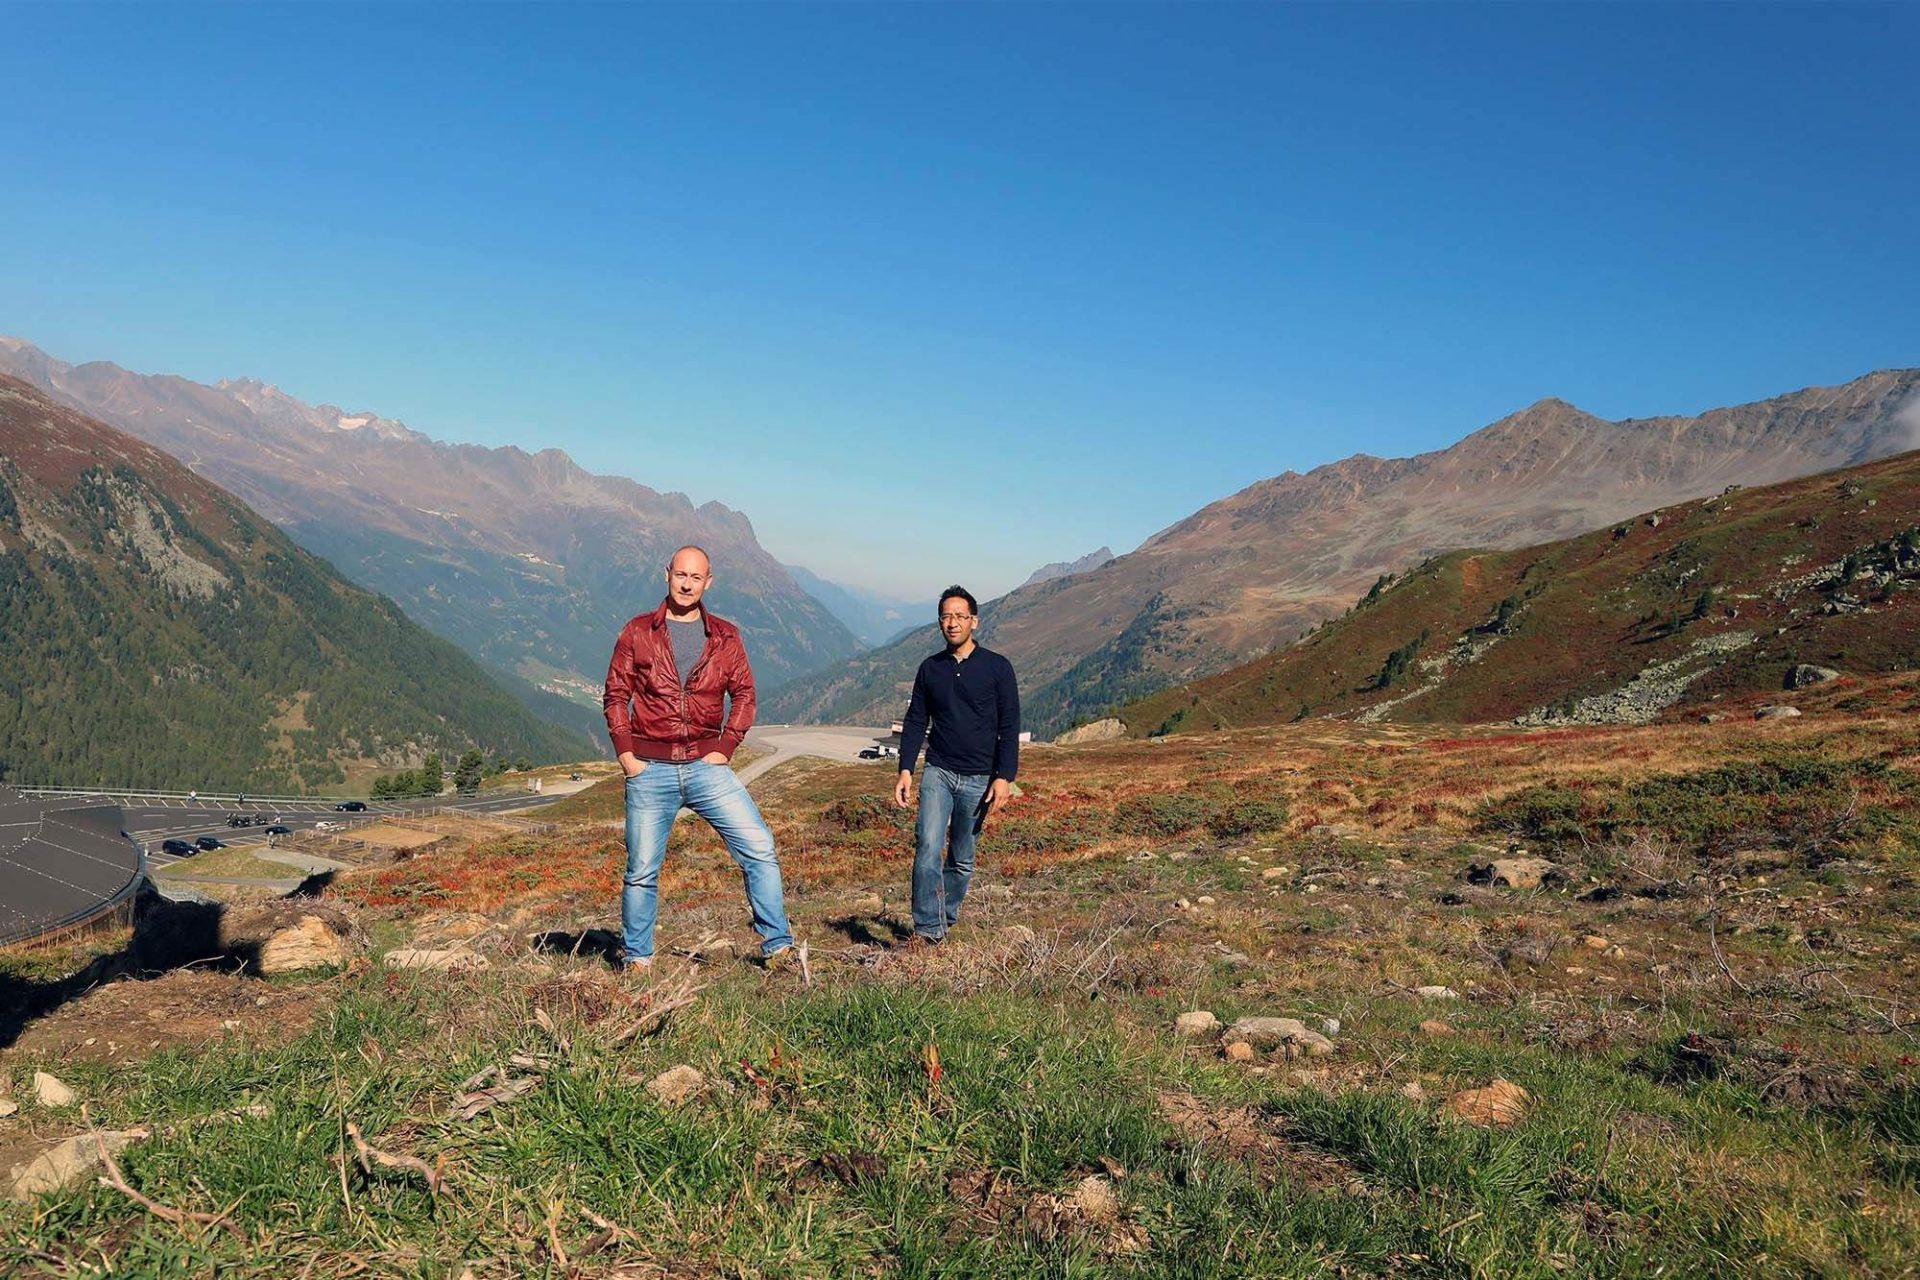 Gute Aussichten.  THE LINK-Autoren und -Gründer Jan Dimog und Hendrik Bohle